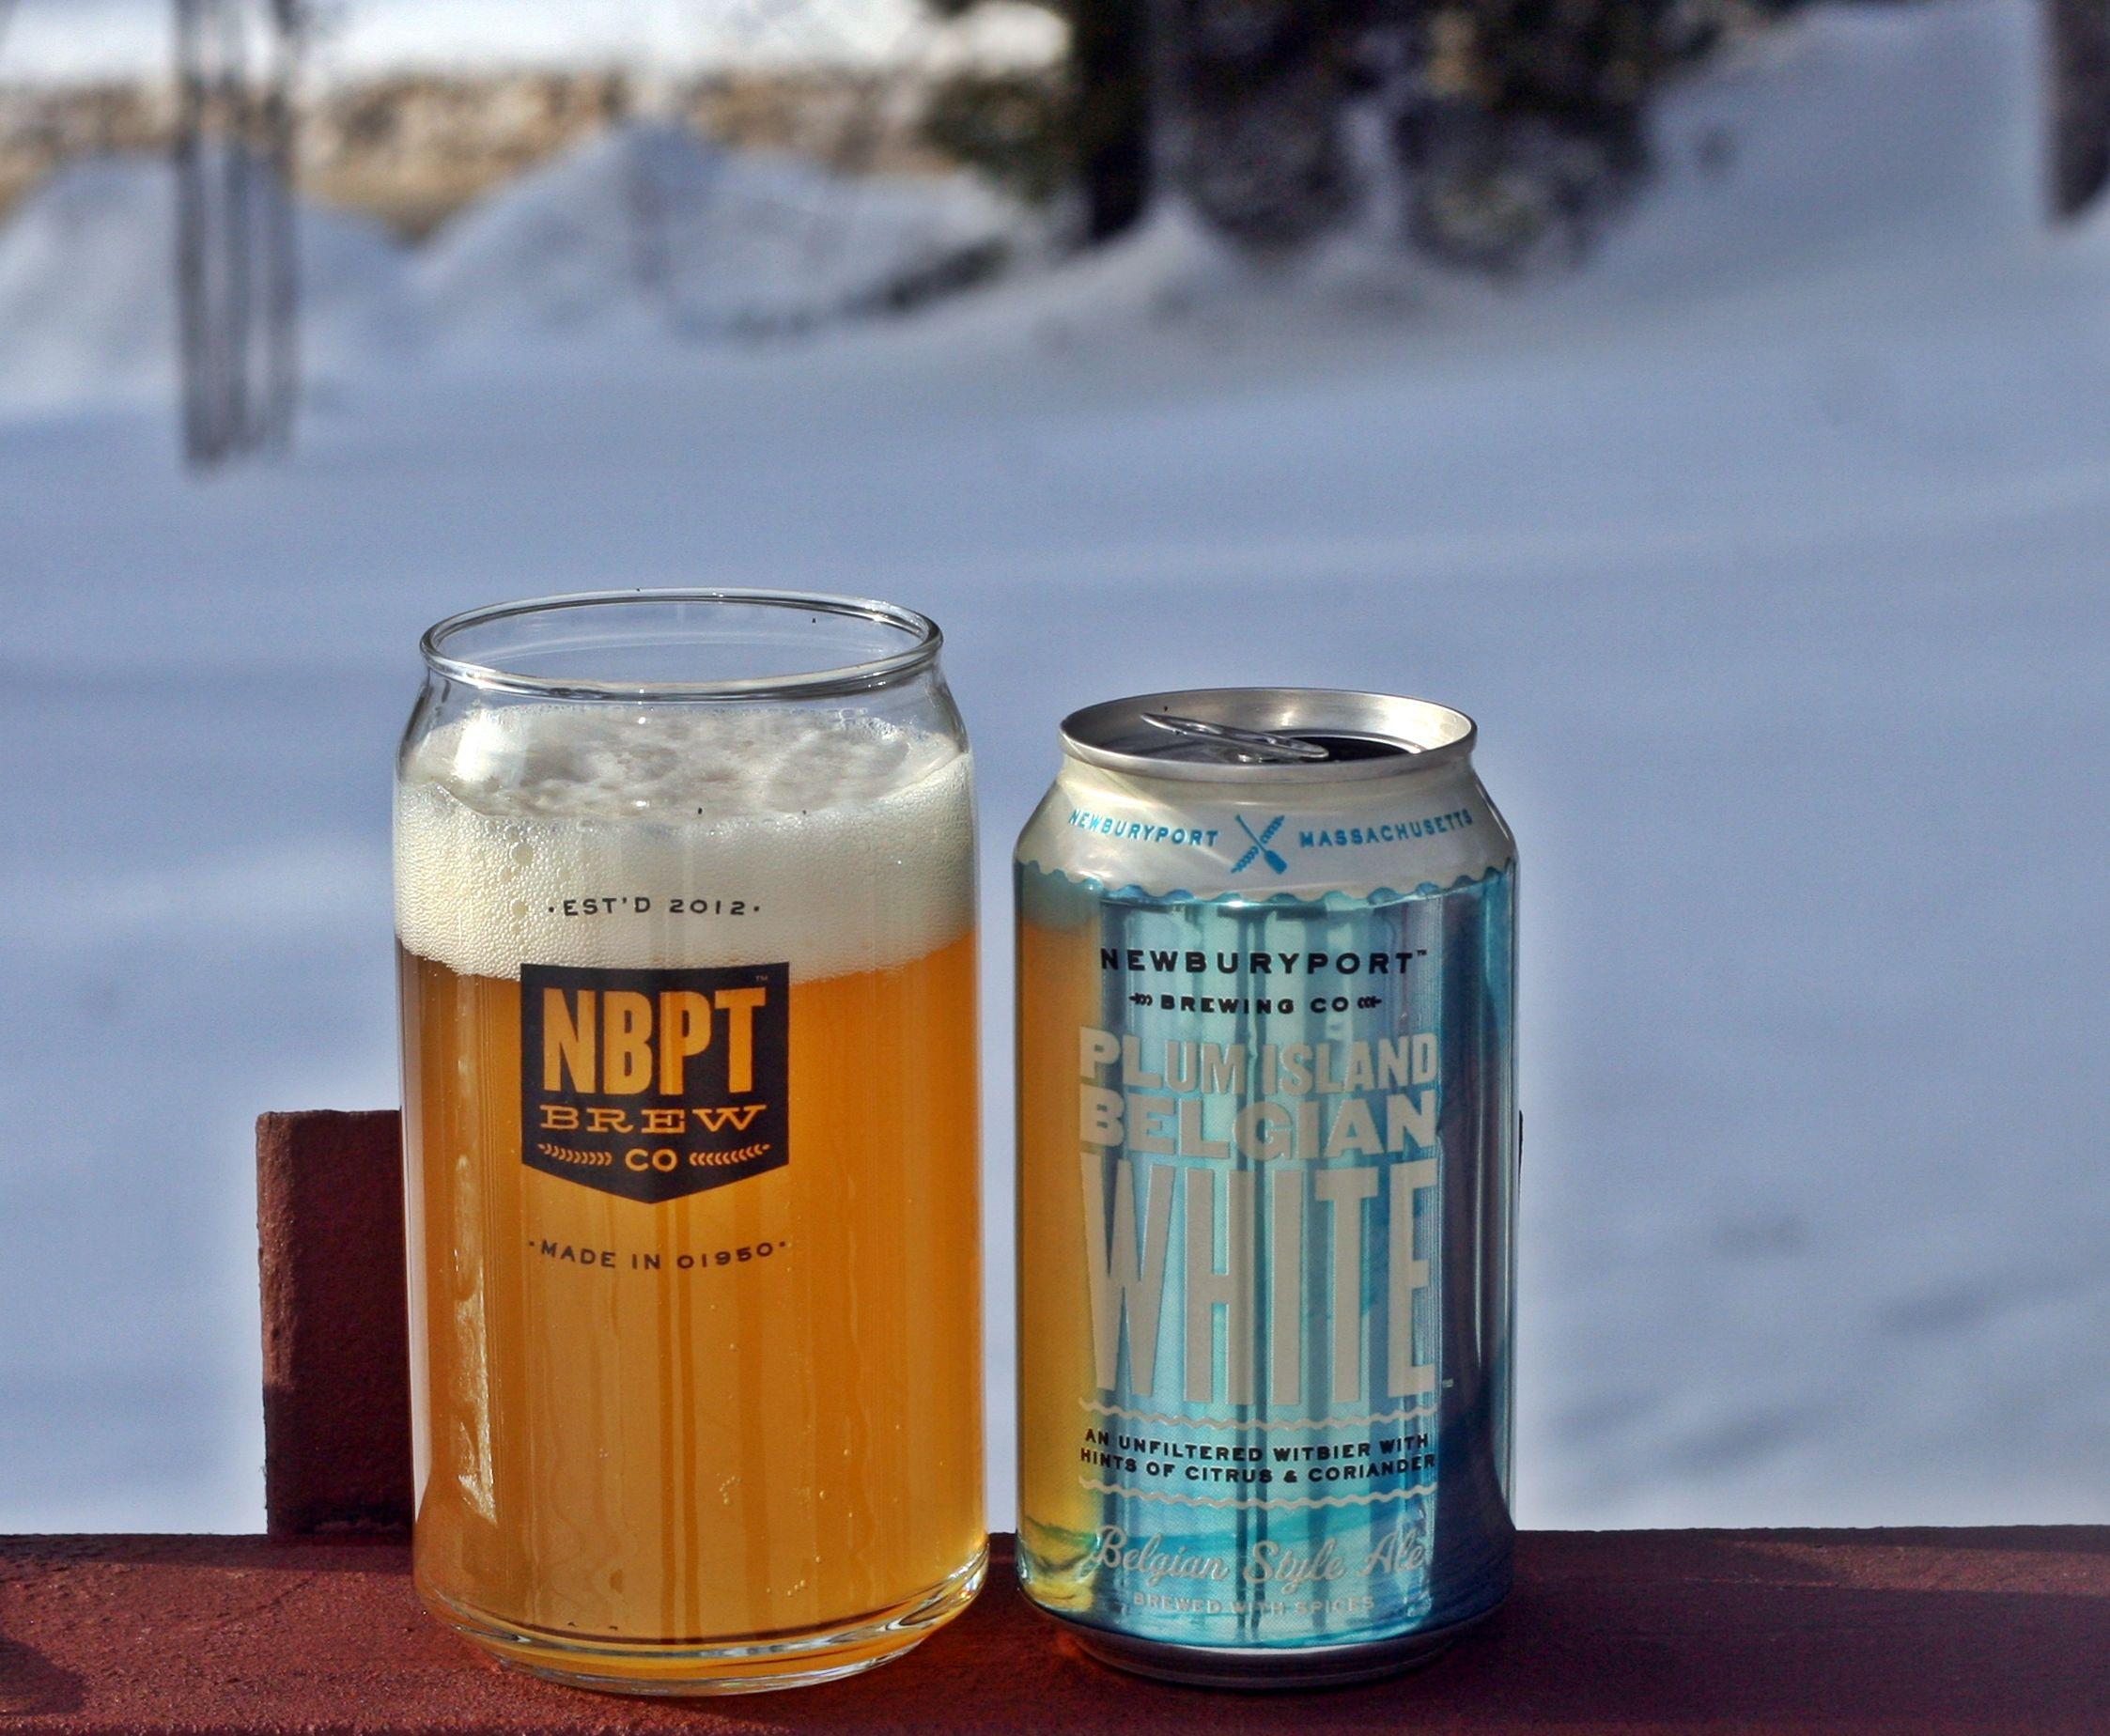 Plum Island Belgium White - Newburyport Brewing Co  | Beer I